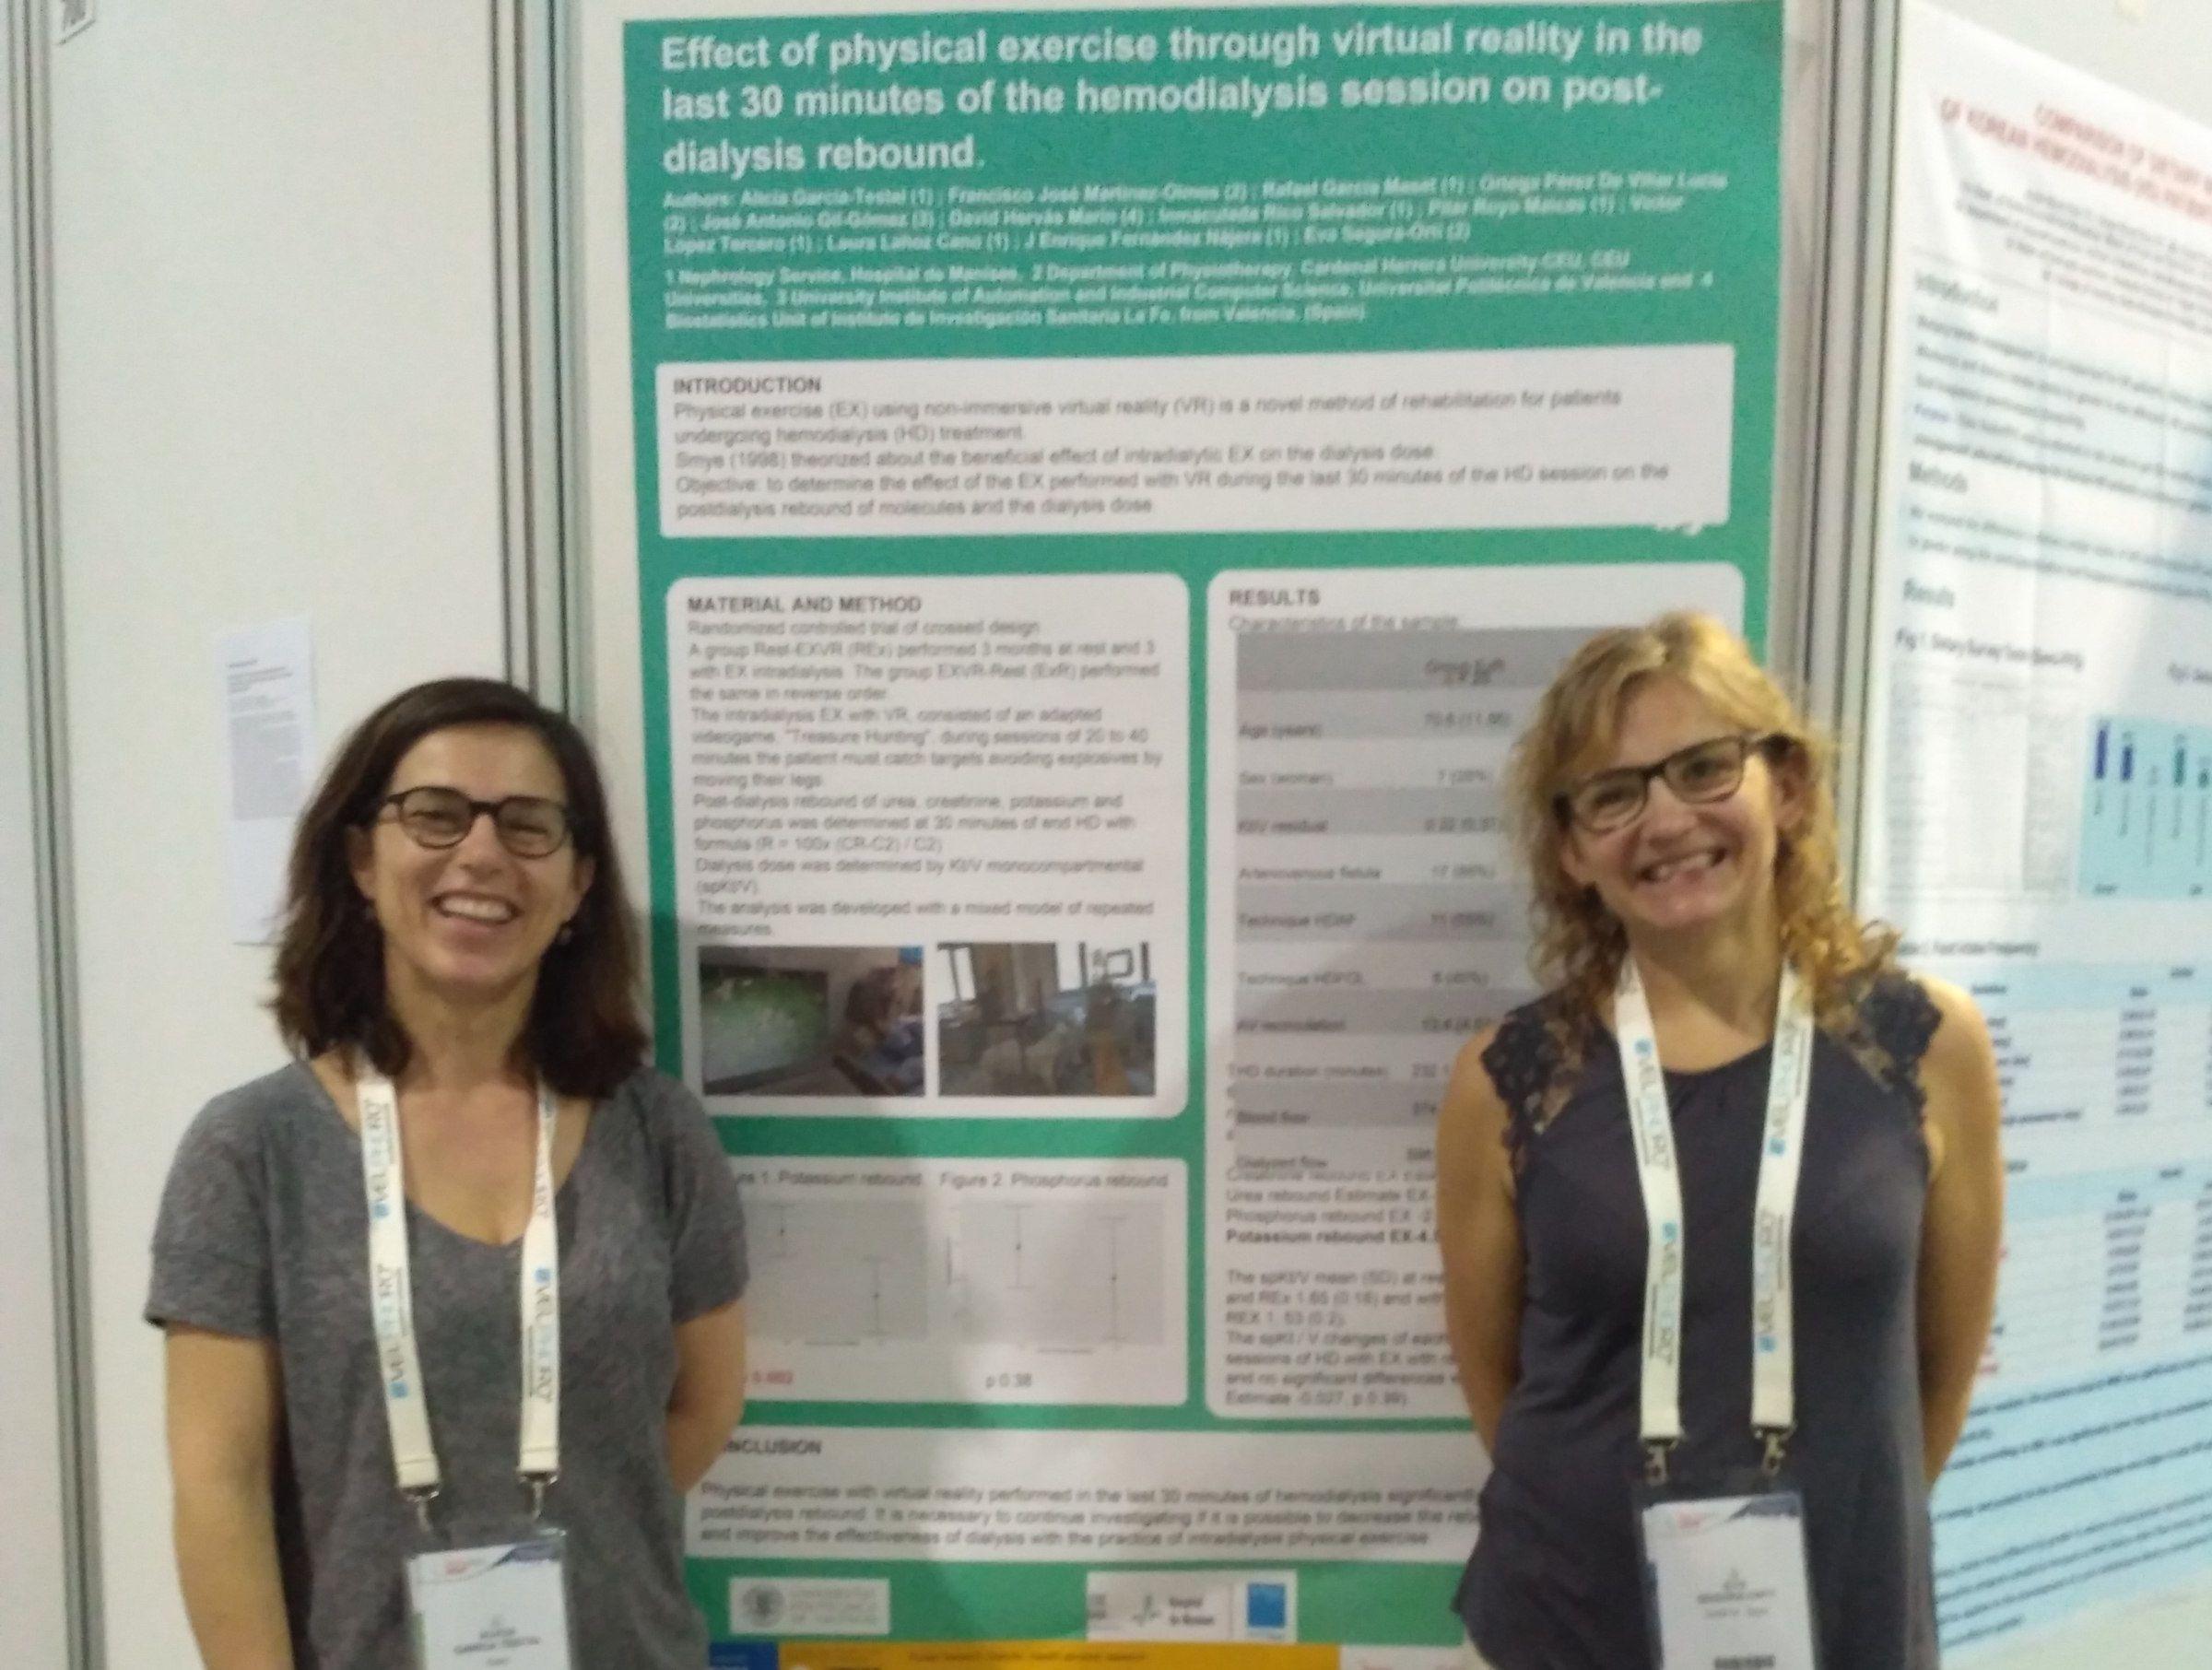 Las doctoras Alicia García Testal (Hospital de Manises) y Eva Segura (CEU UCH), únicas españolas en el monográfico internacional sobre ejercicio físico en pacientes renales de la editorial científica Wiley.